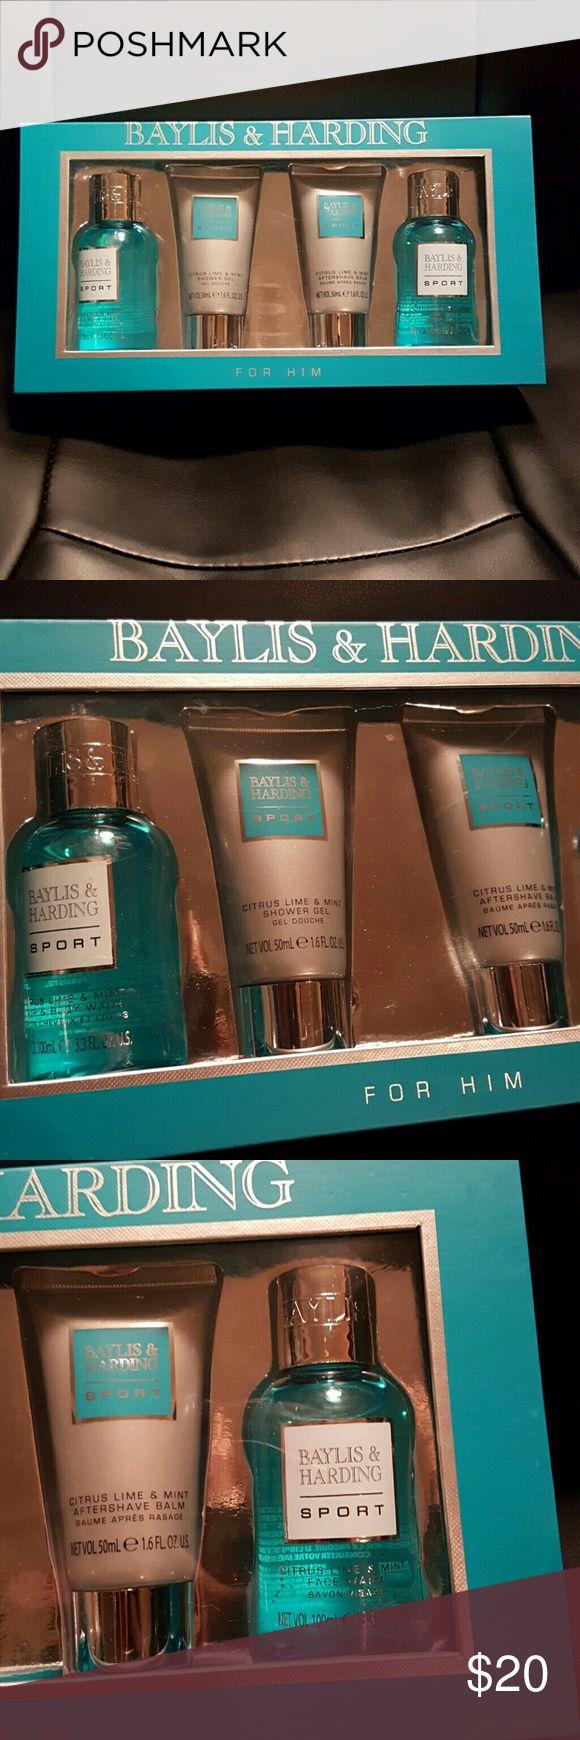 Baylis & Harding mens shower set New. Baylis & Harding England mens set including citrus lime and mint hair and body wash, shower gel, aftershave balm and face wash.  batch number 1509 101. Baylis & Harding England  Other